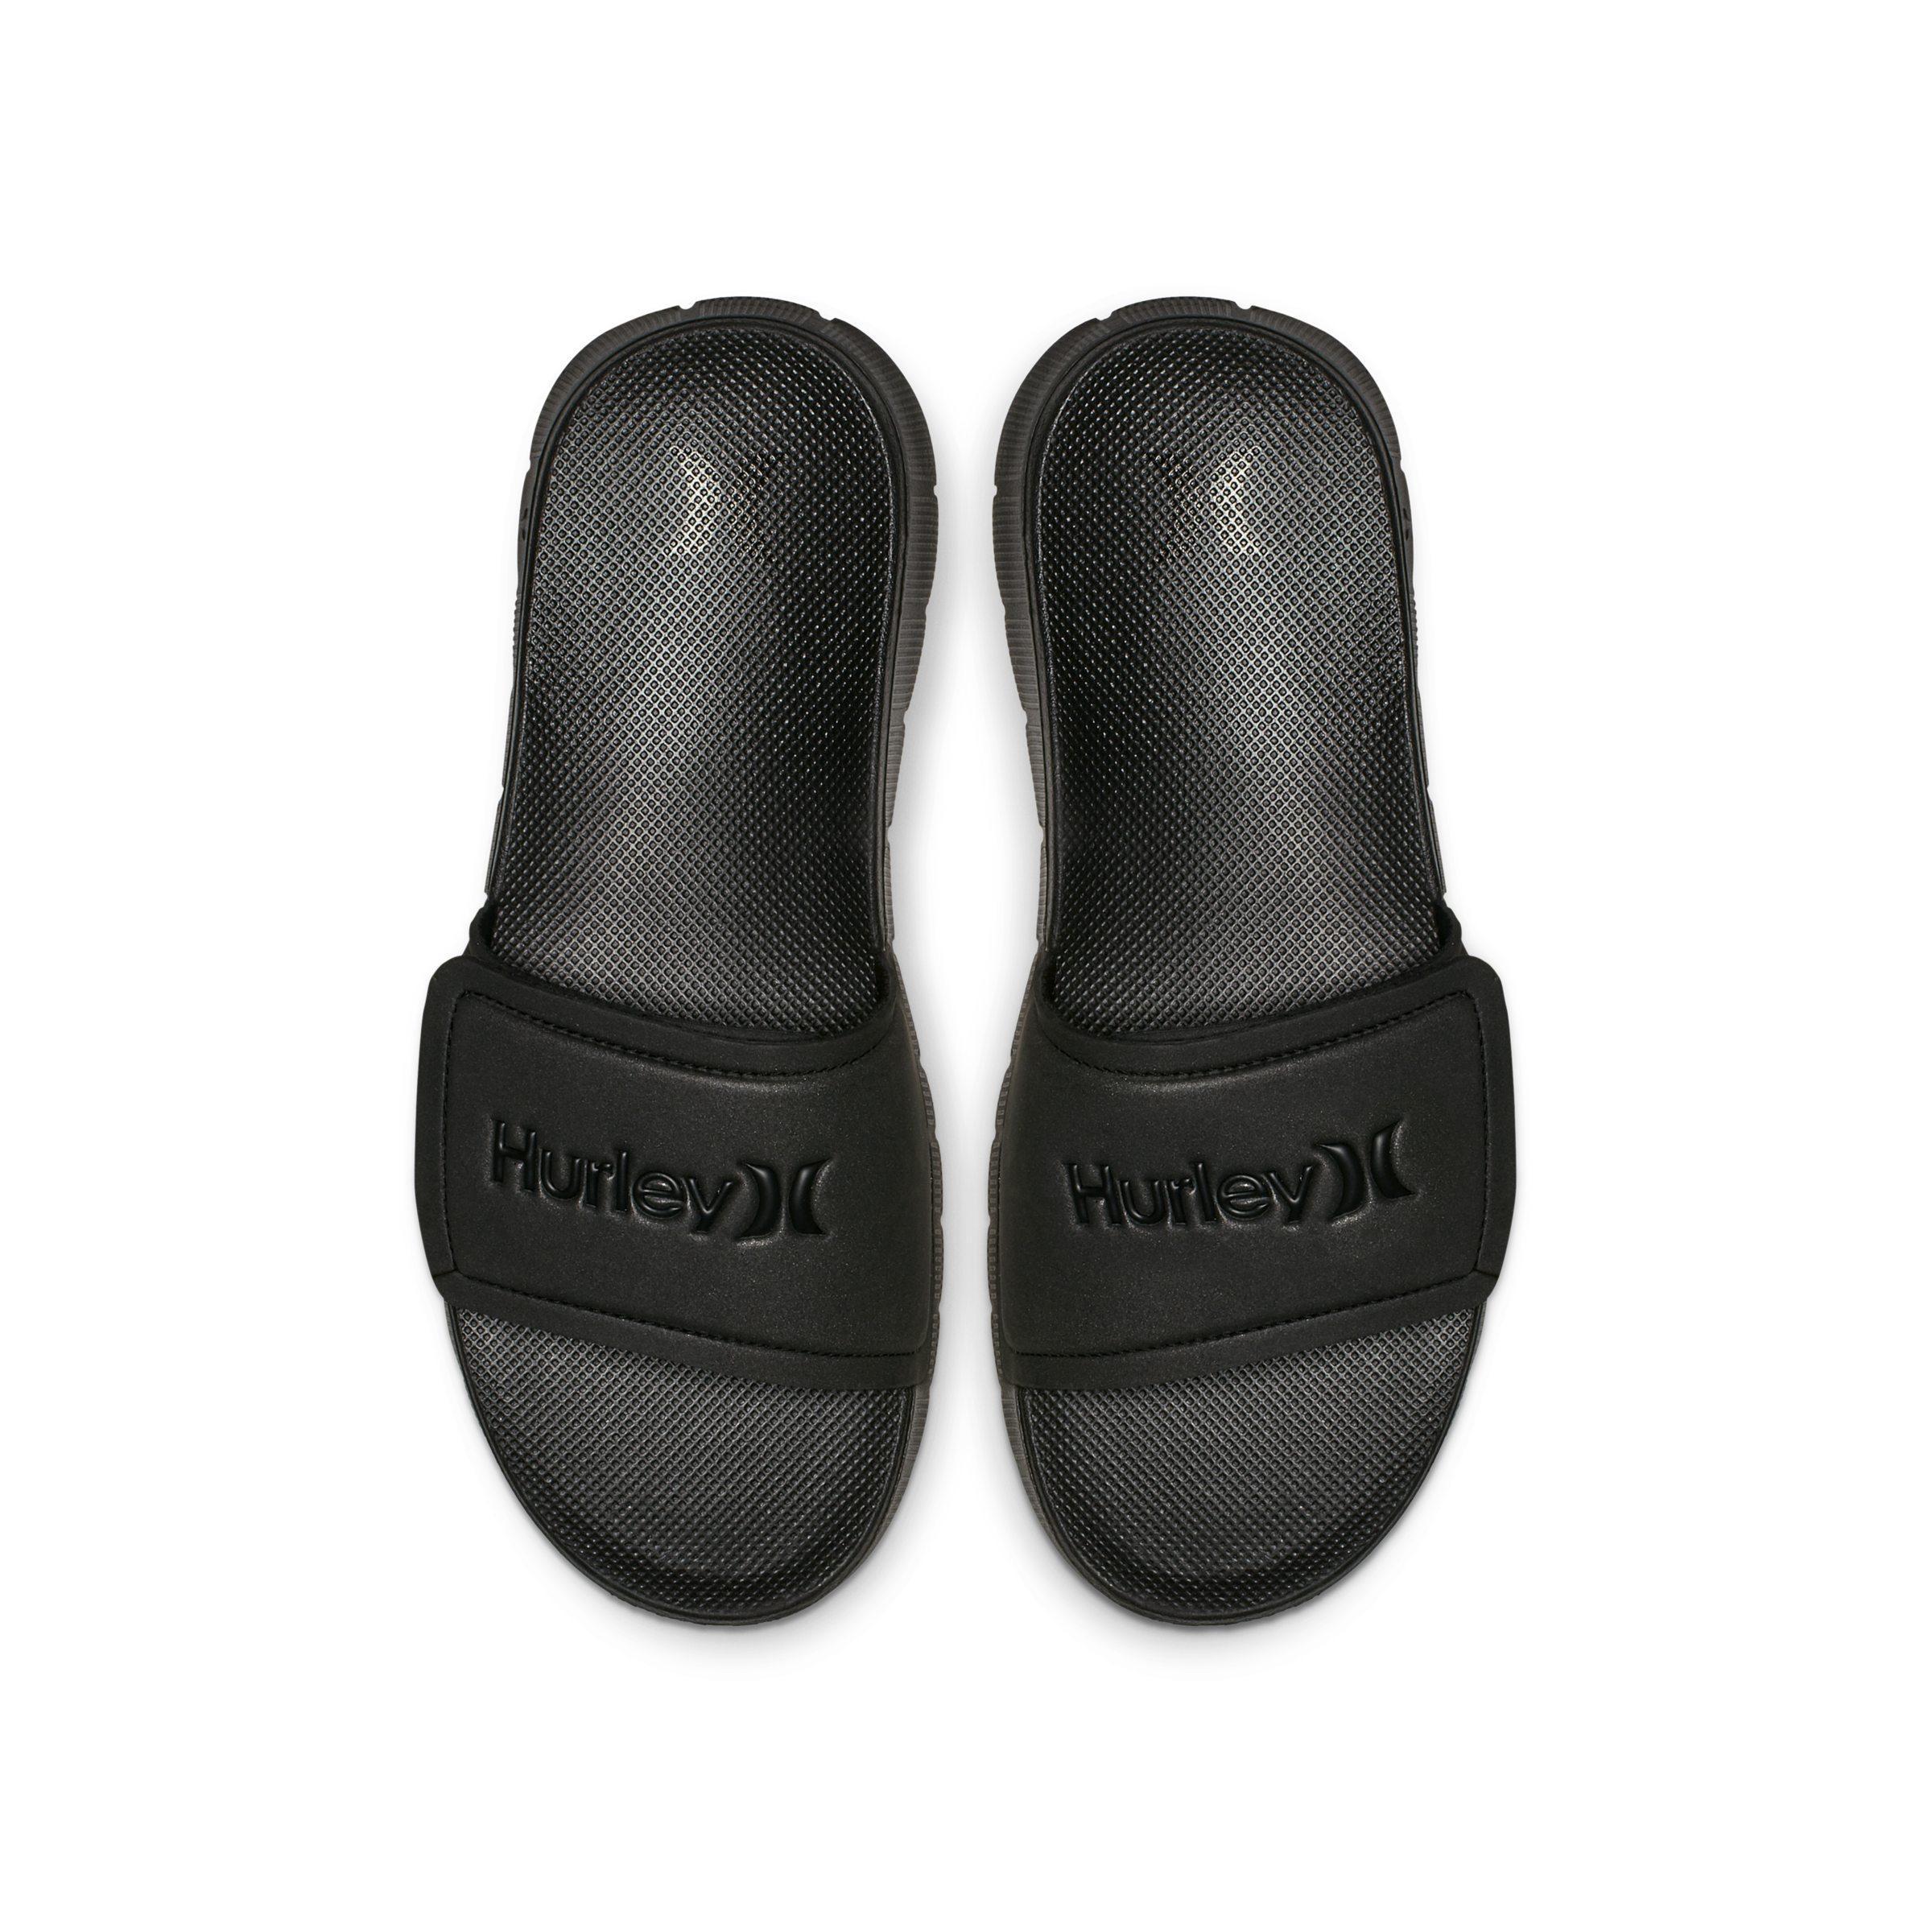 74d9cb825c7 Lyst - Hurley Fusion Slide Sandalias Nike de hombre de color Negro